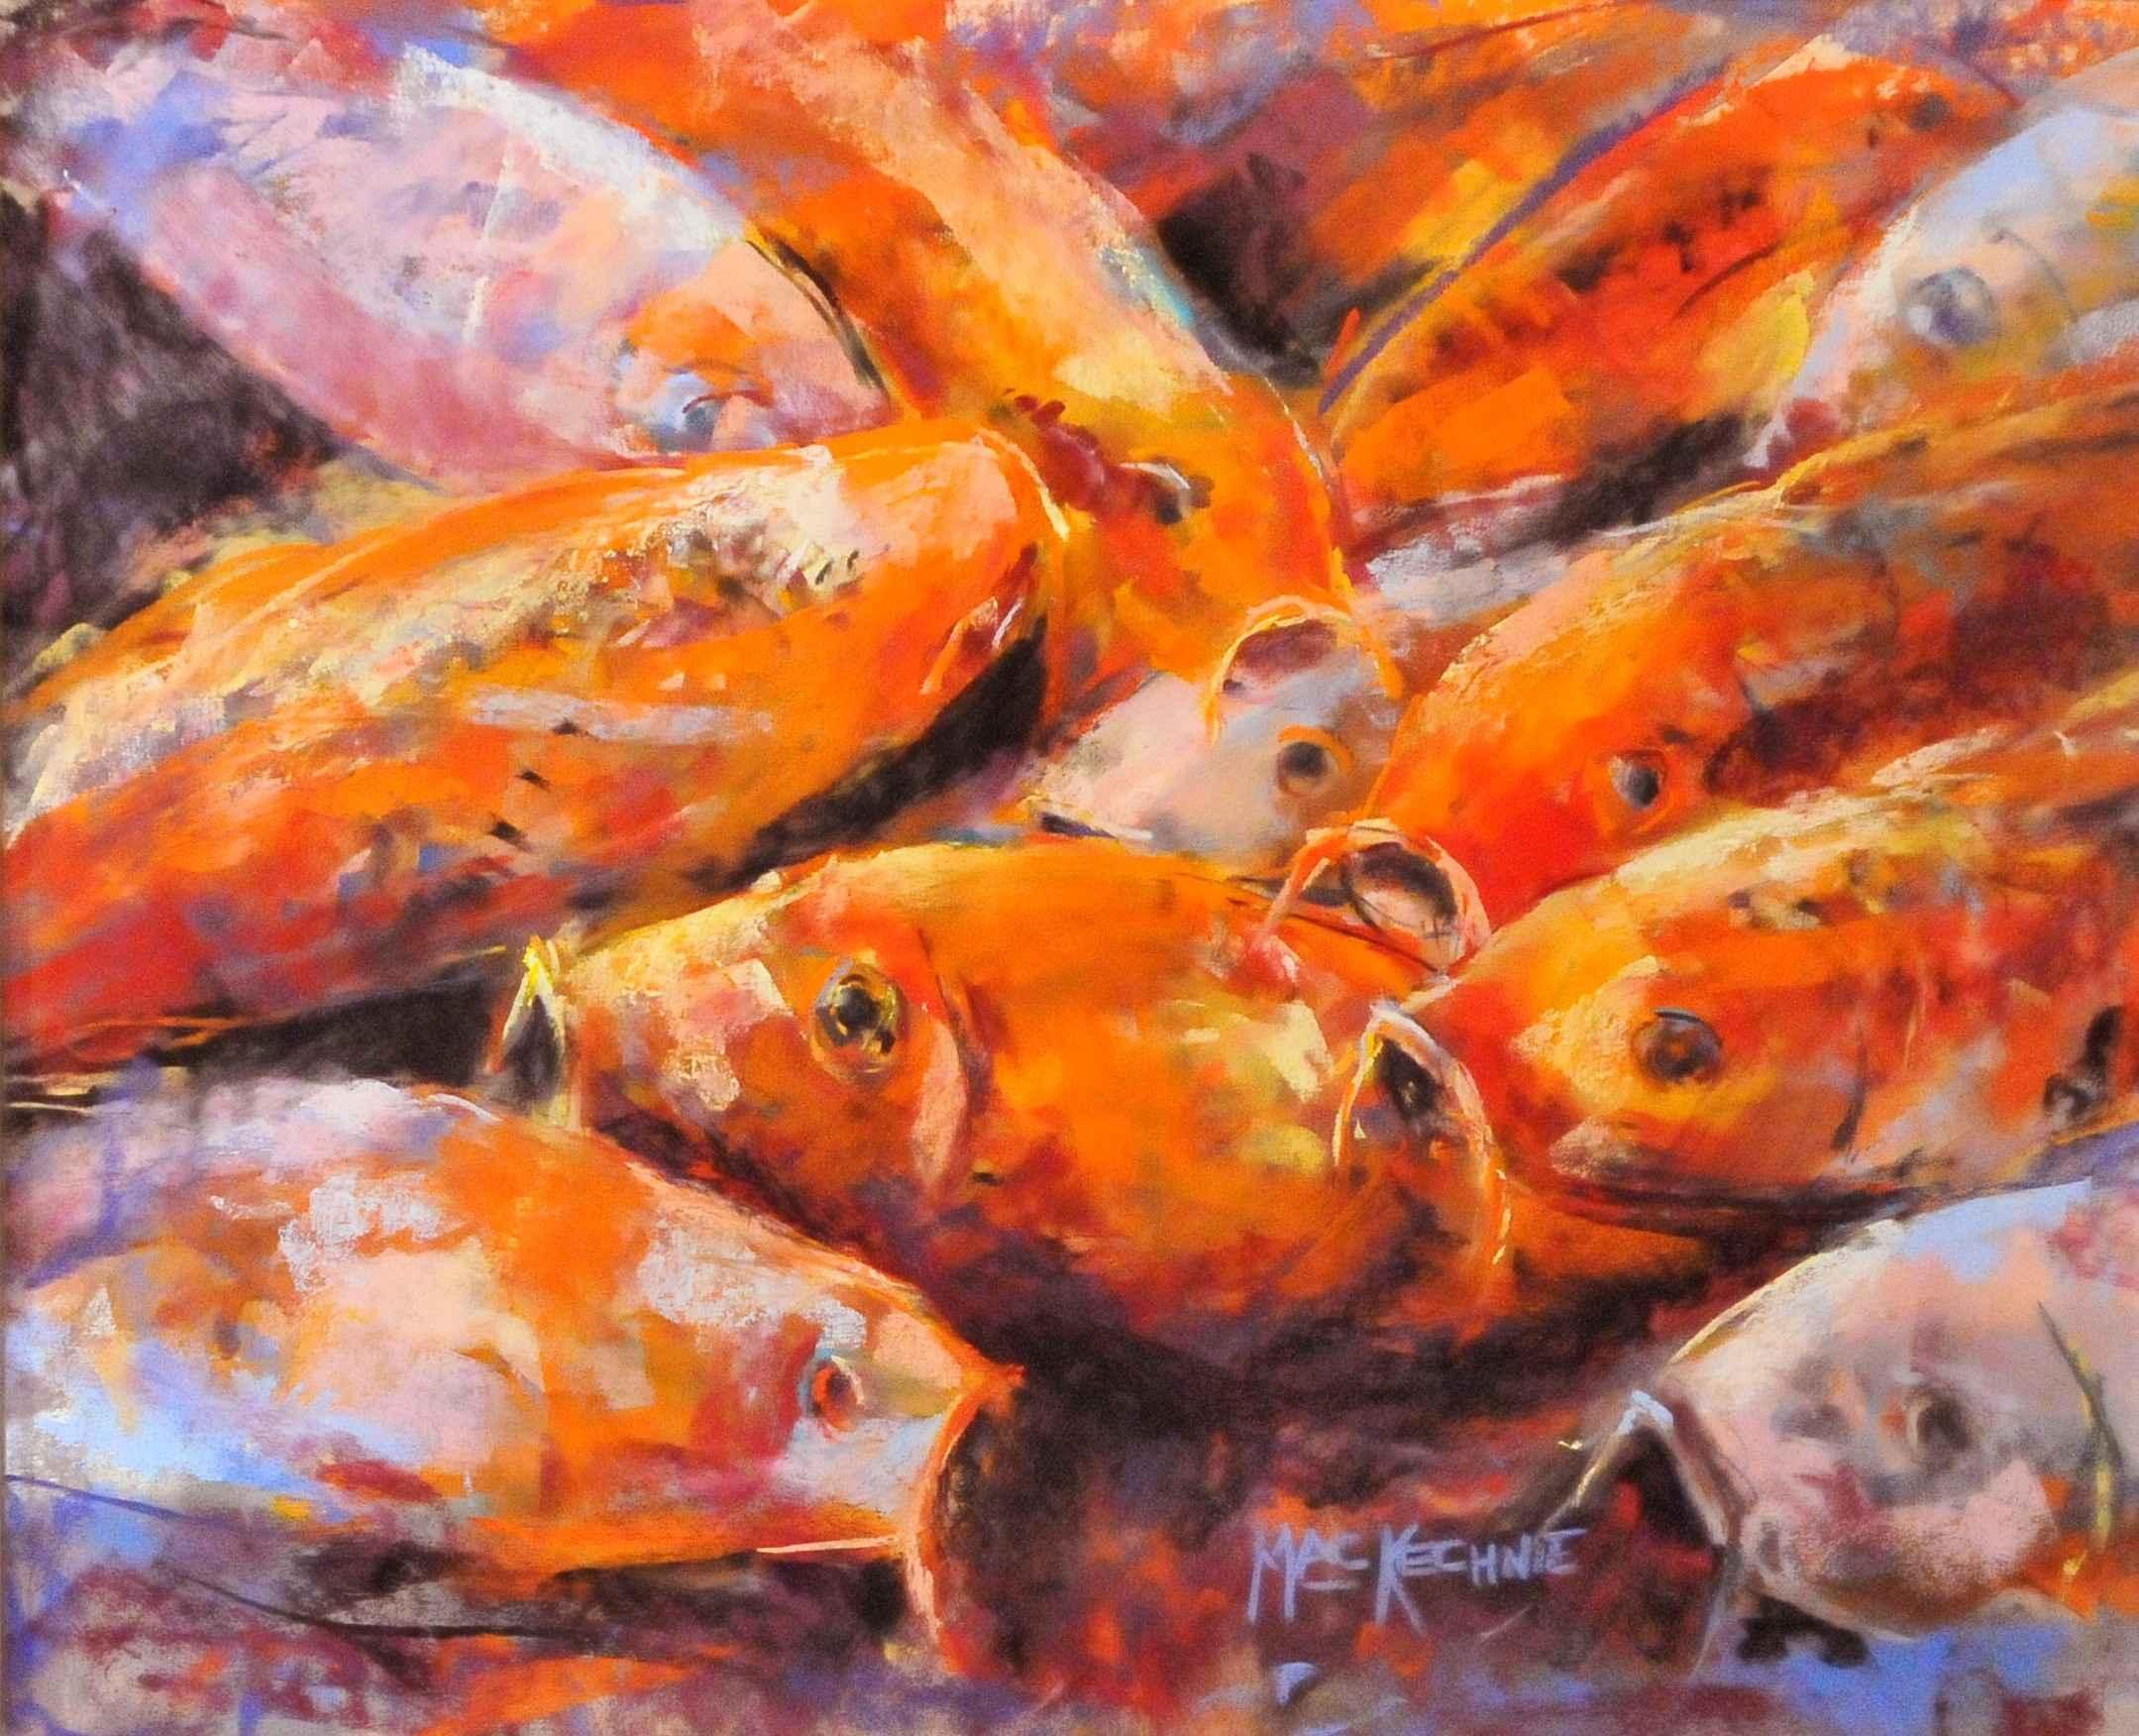 Orange Crush by  Joe Mac Kechnie - Masterpiece Online